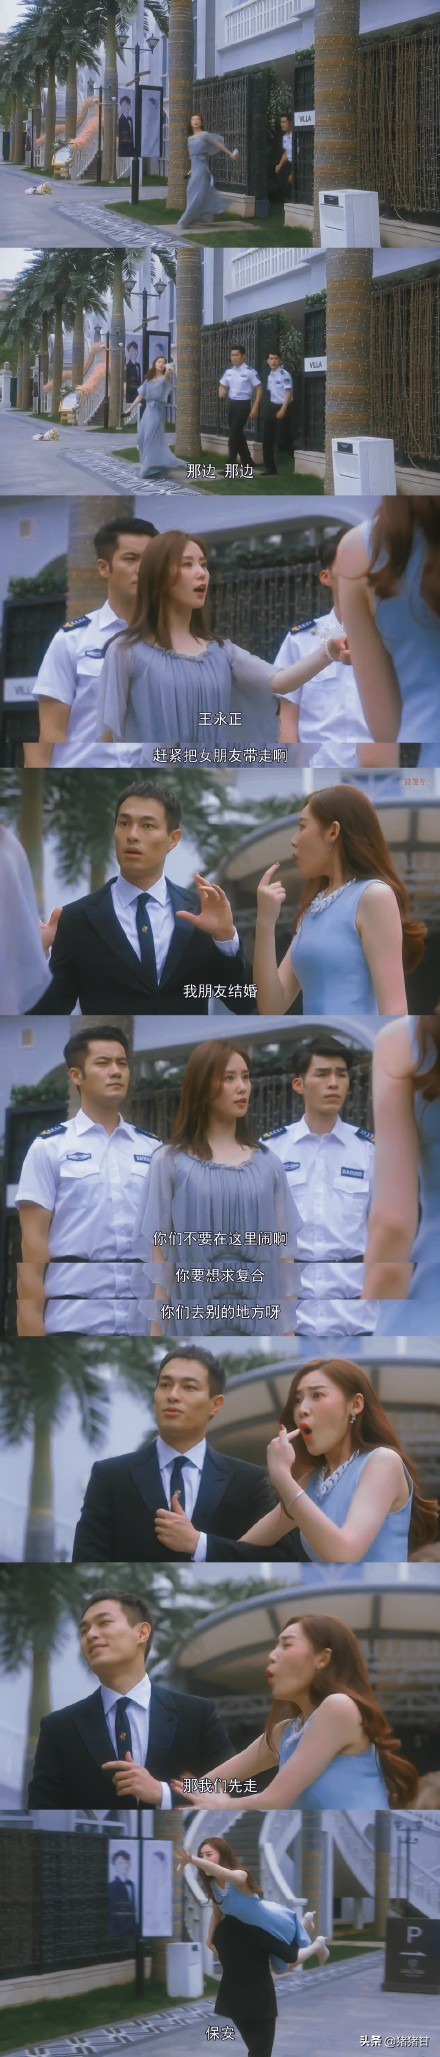 沒有蔣南孫,王永正也不會喜歡她,袁媛的這番告白可真是尷尬